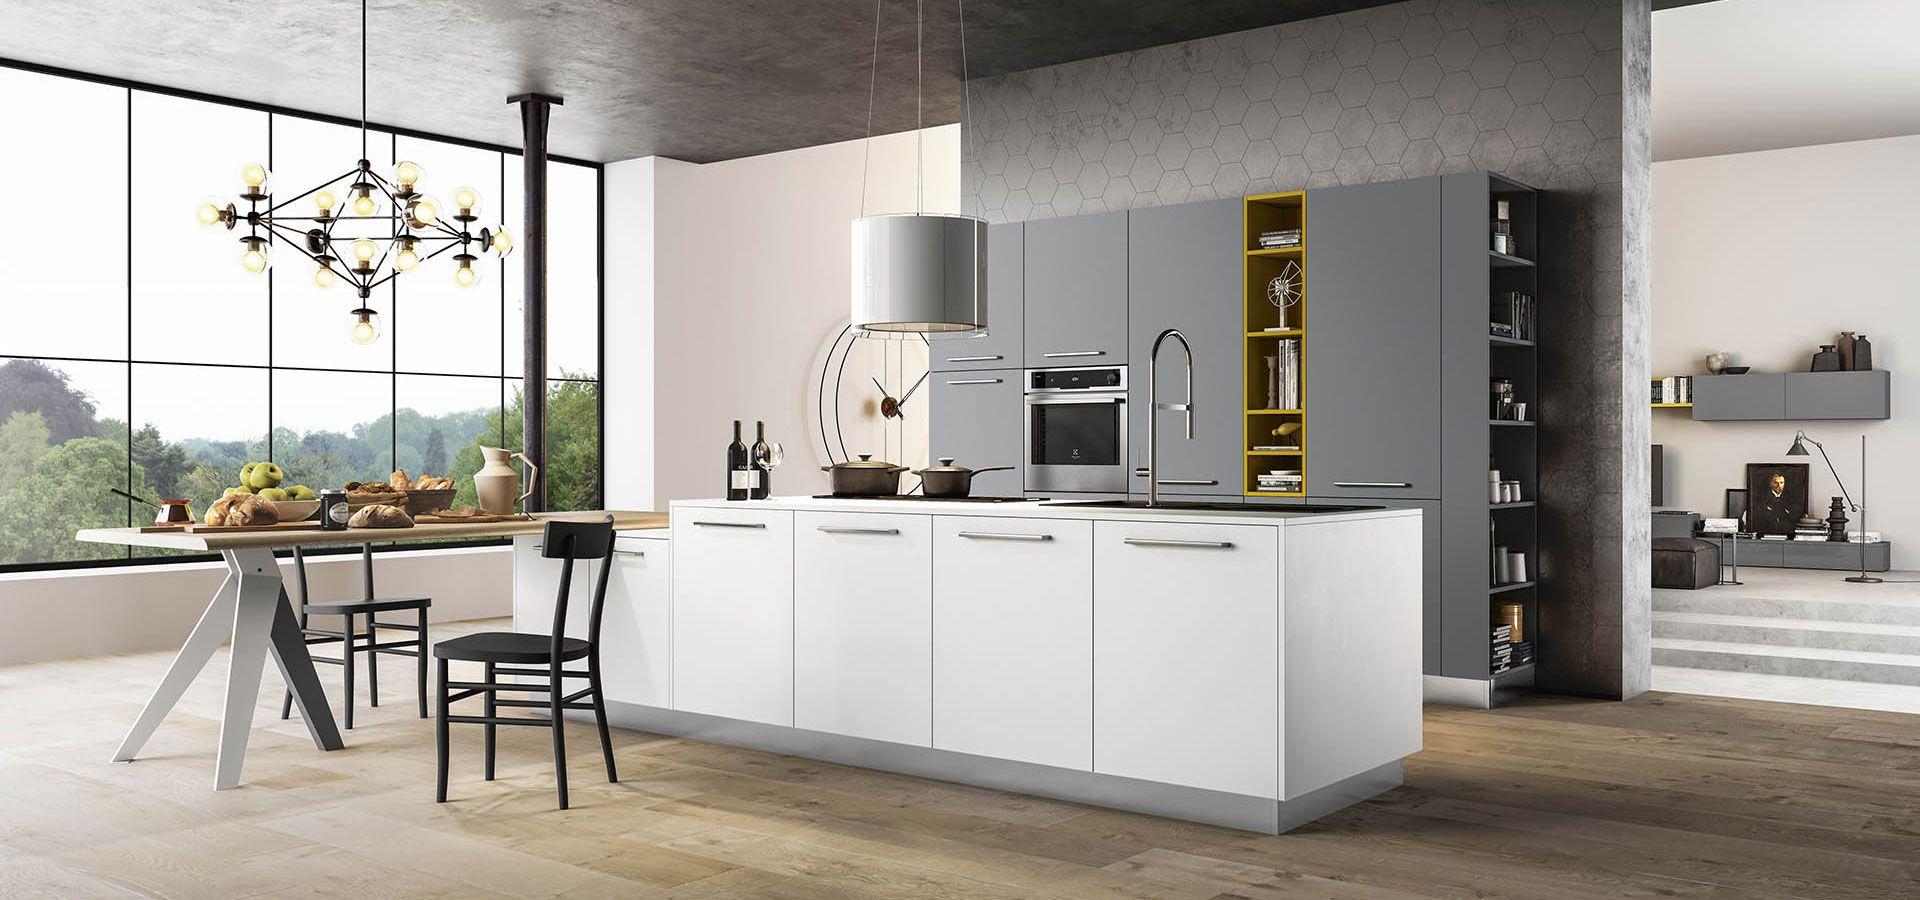 Cucina moderna time finiture bianco glass opaco grigio cenere opaco giallo ocra opaco top - Top cucina moderna ...